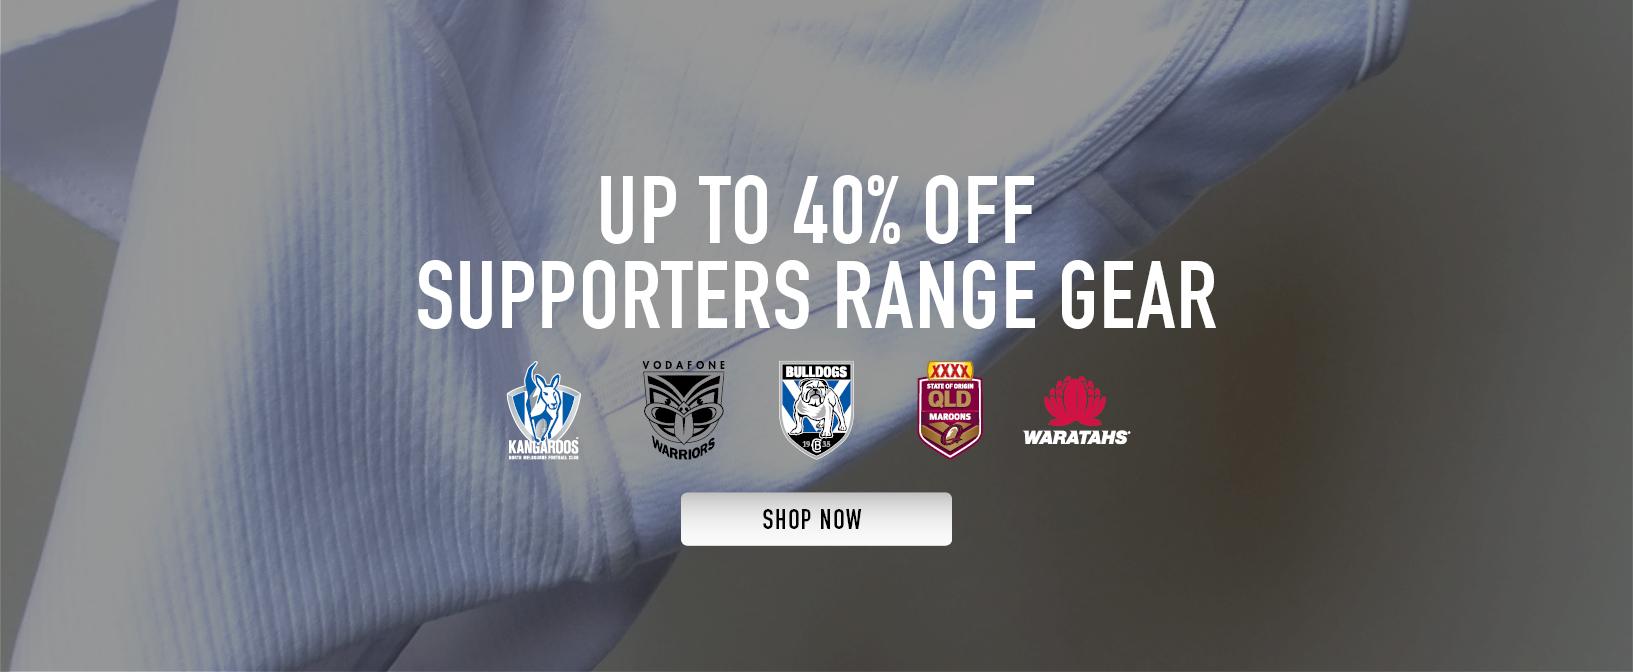 Supporters Range Gear Sale